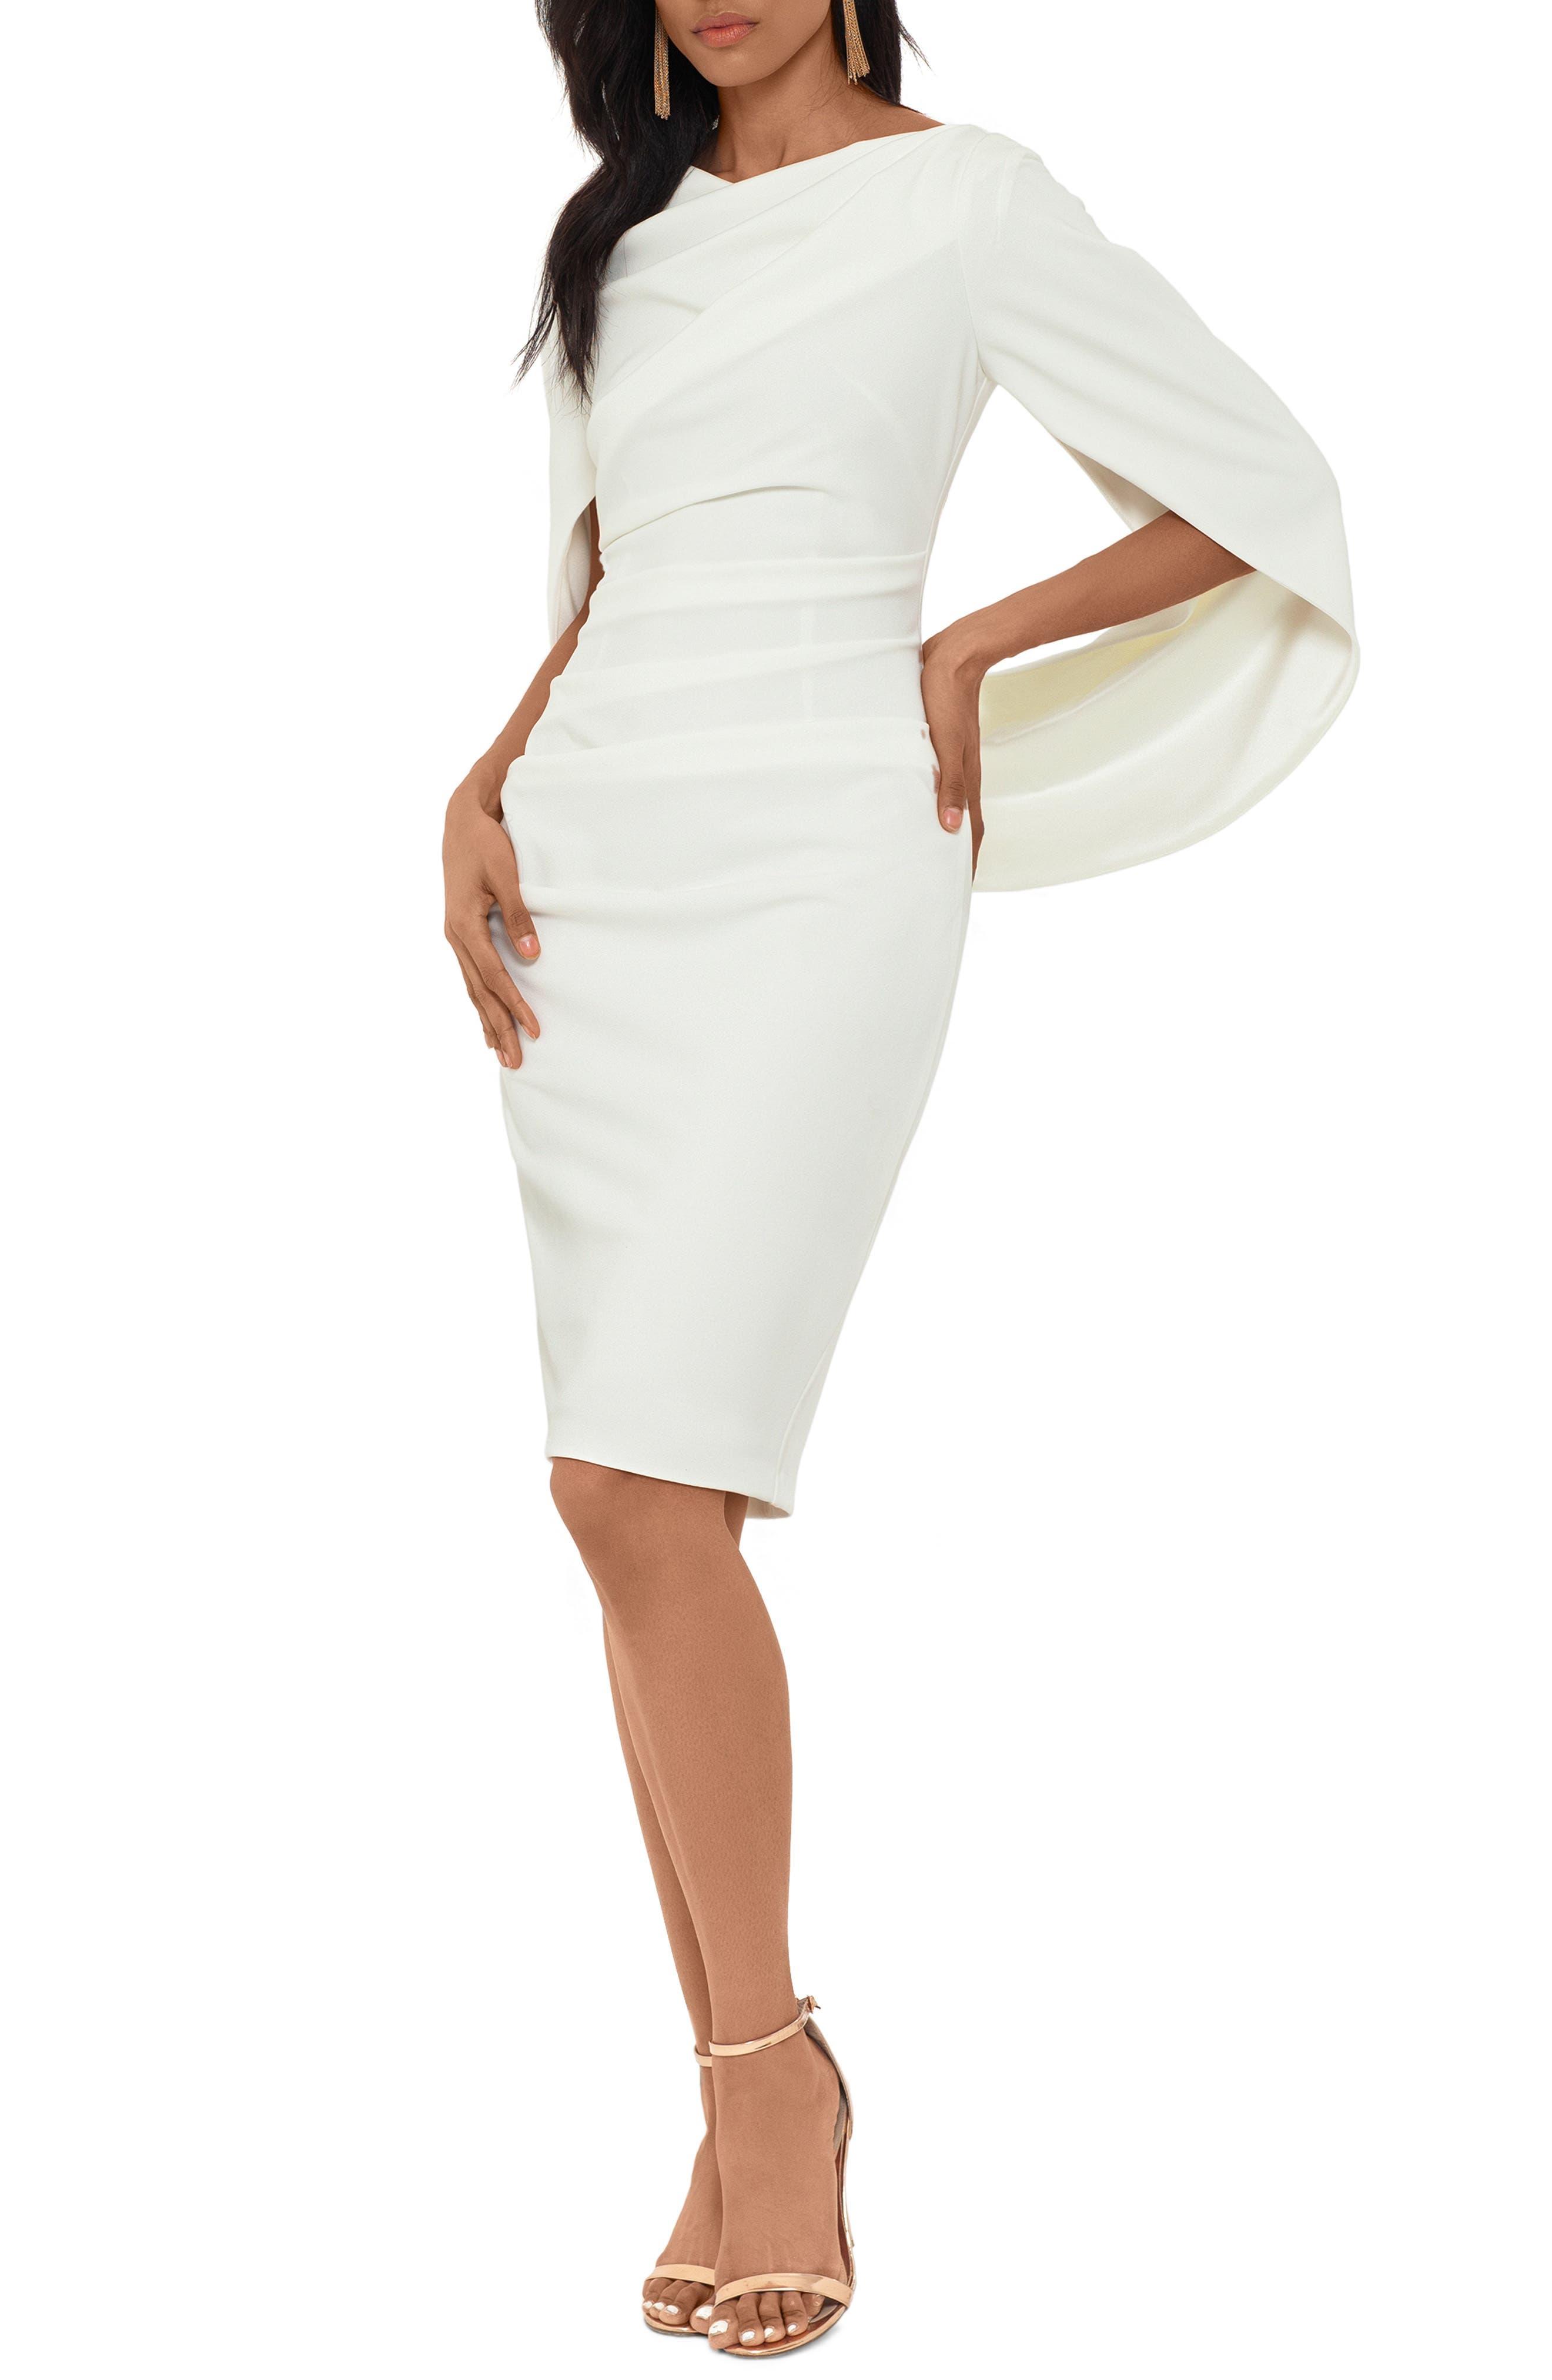 Cheap White Formal Dress